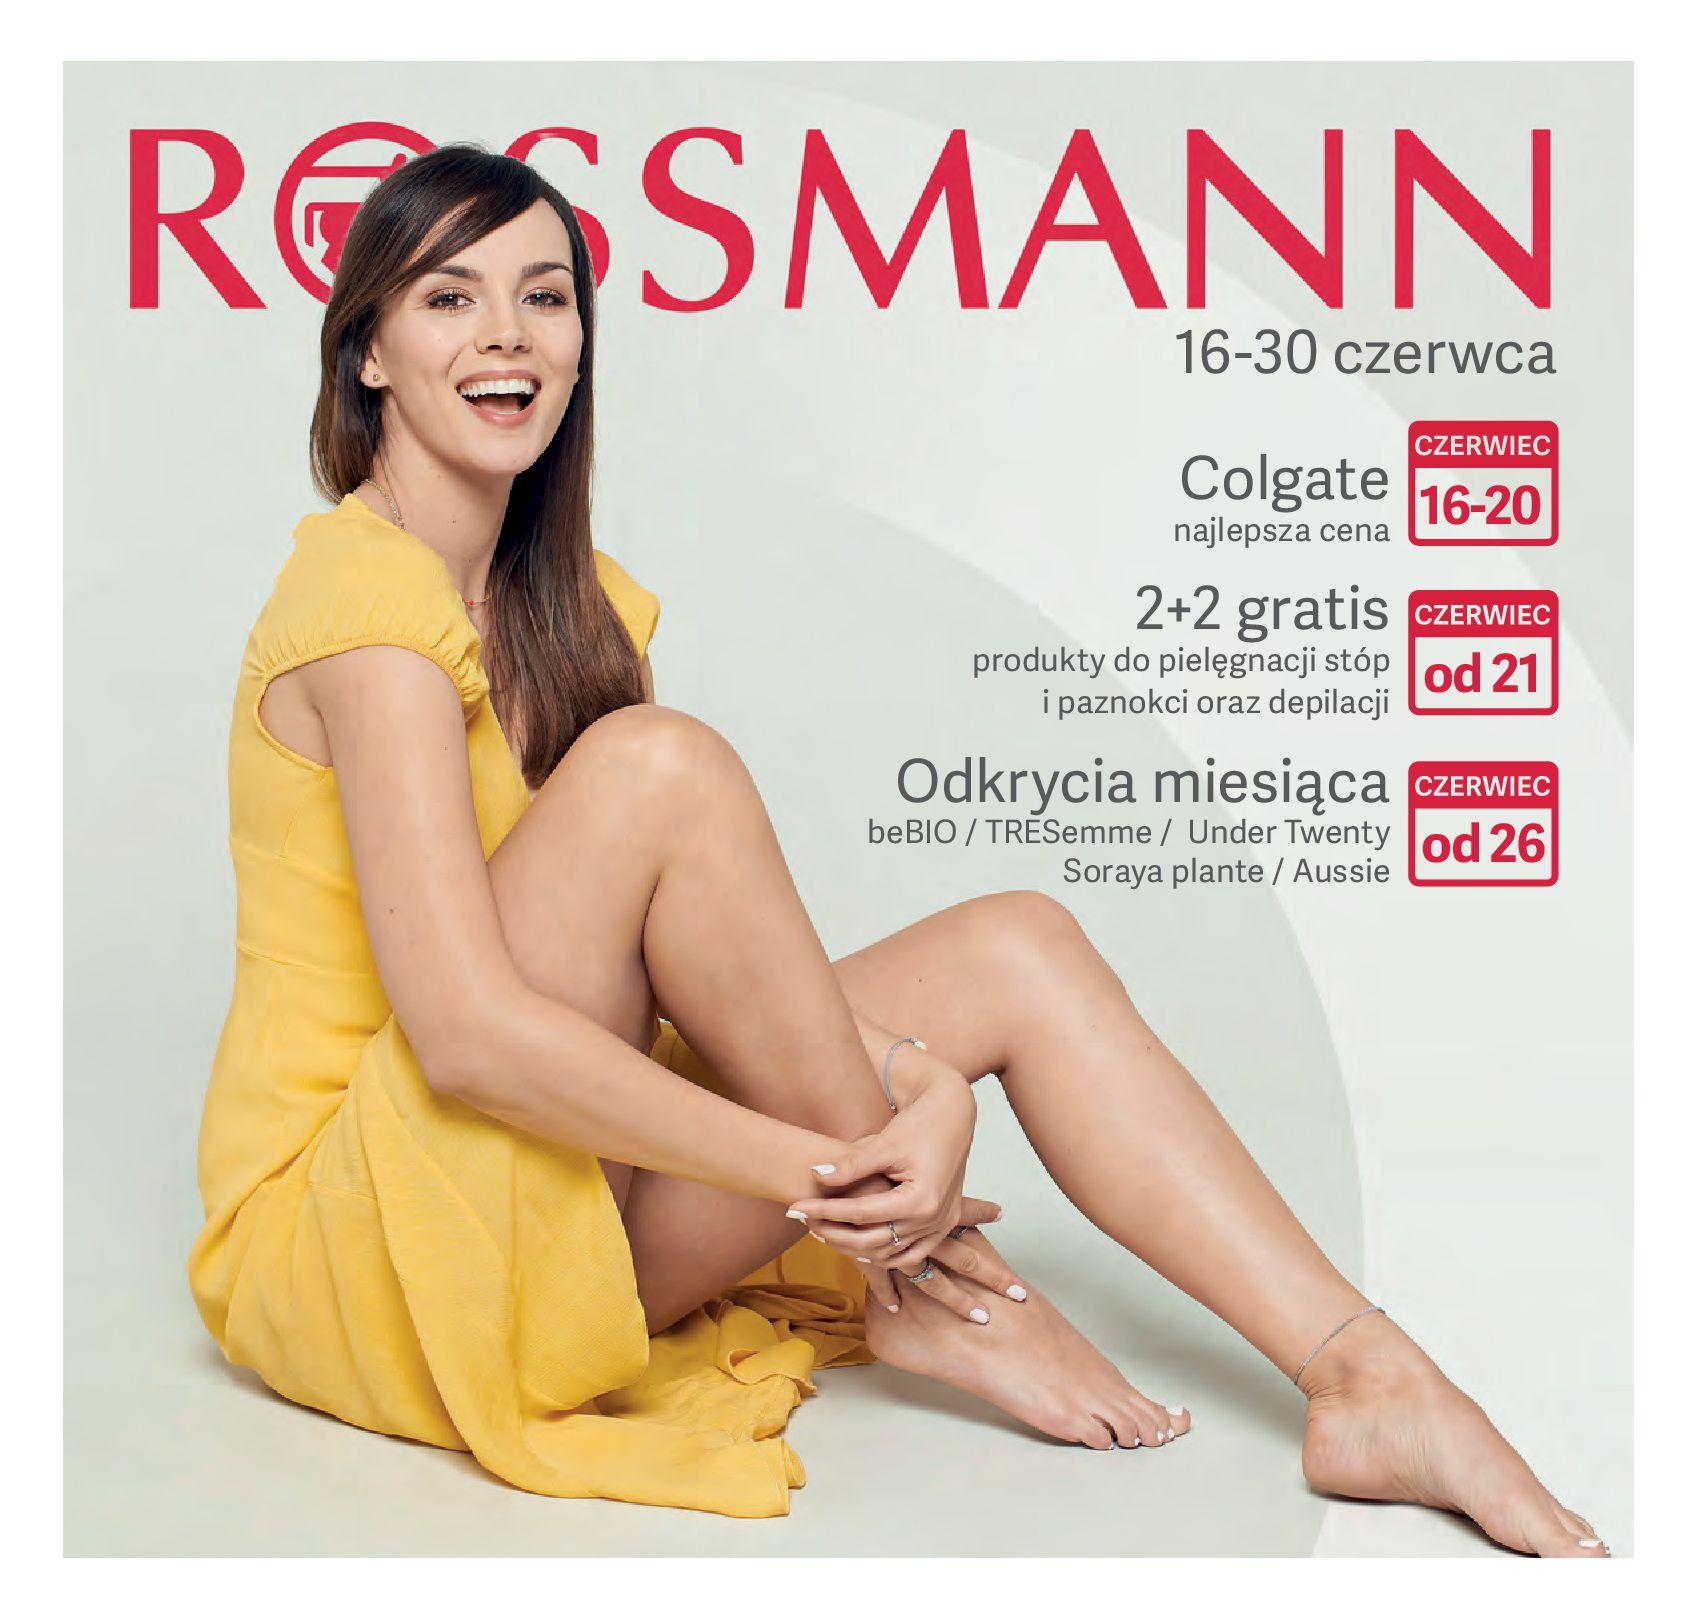 Gazetka Rossmann - Rossmann 16-30 czerwca-15.06.2019-30.06.2019-page-